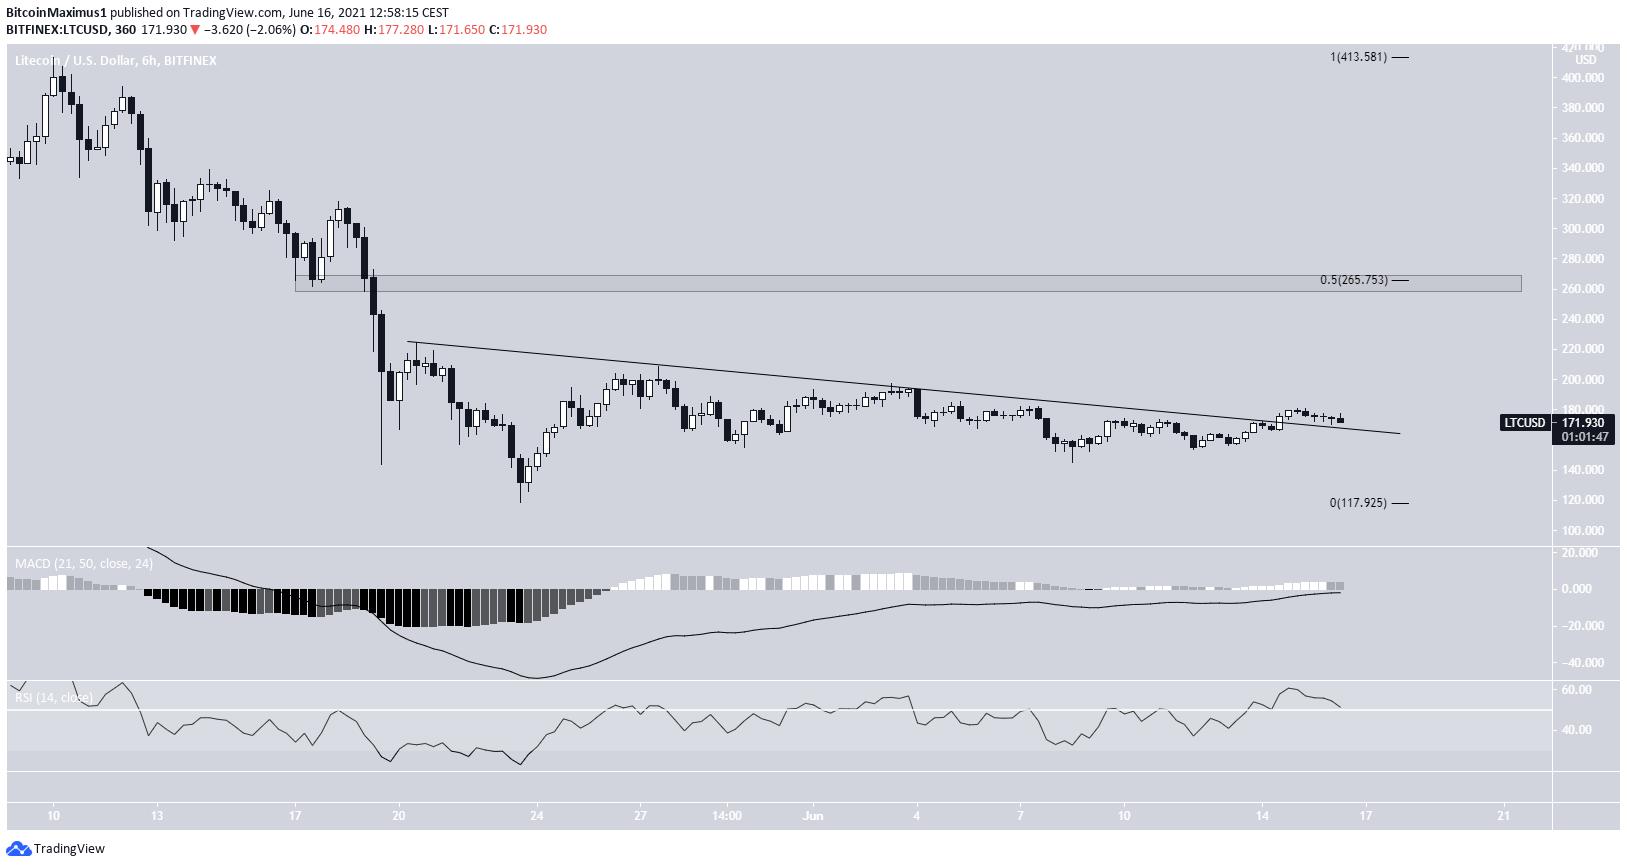 LTC/USD resistance